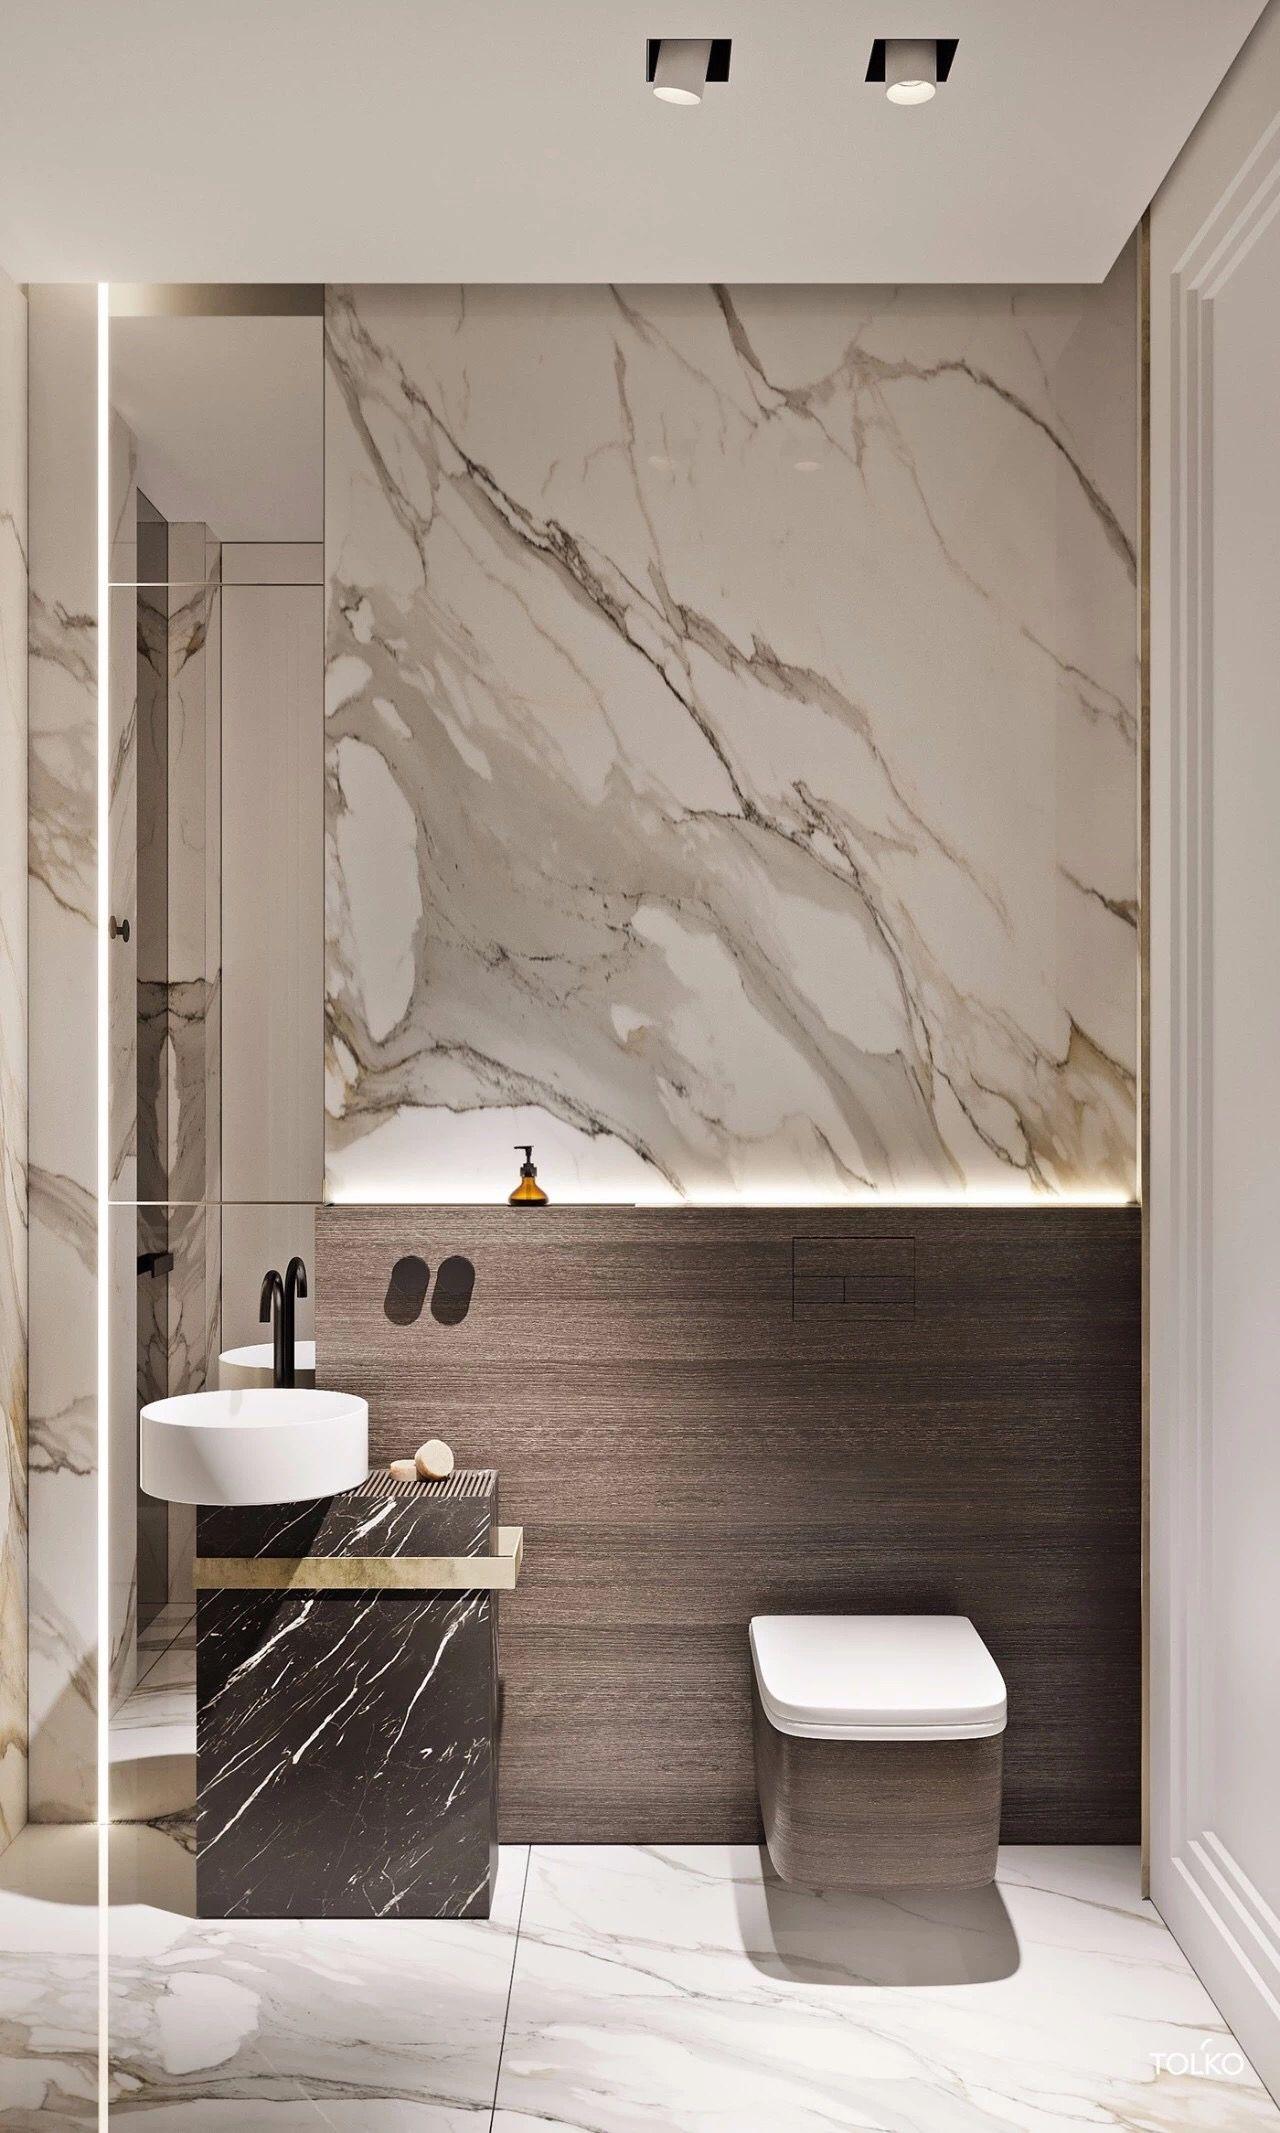 Pin von fishcloud auf Toilets   Pinterest   Badezimmer, Luxus ...